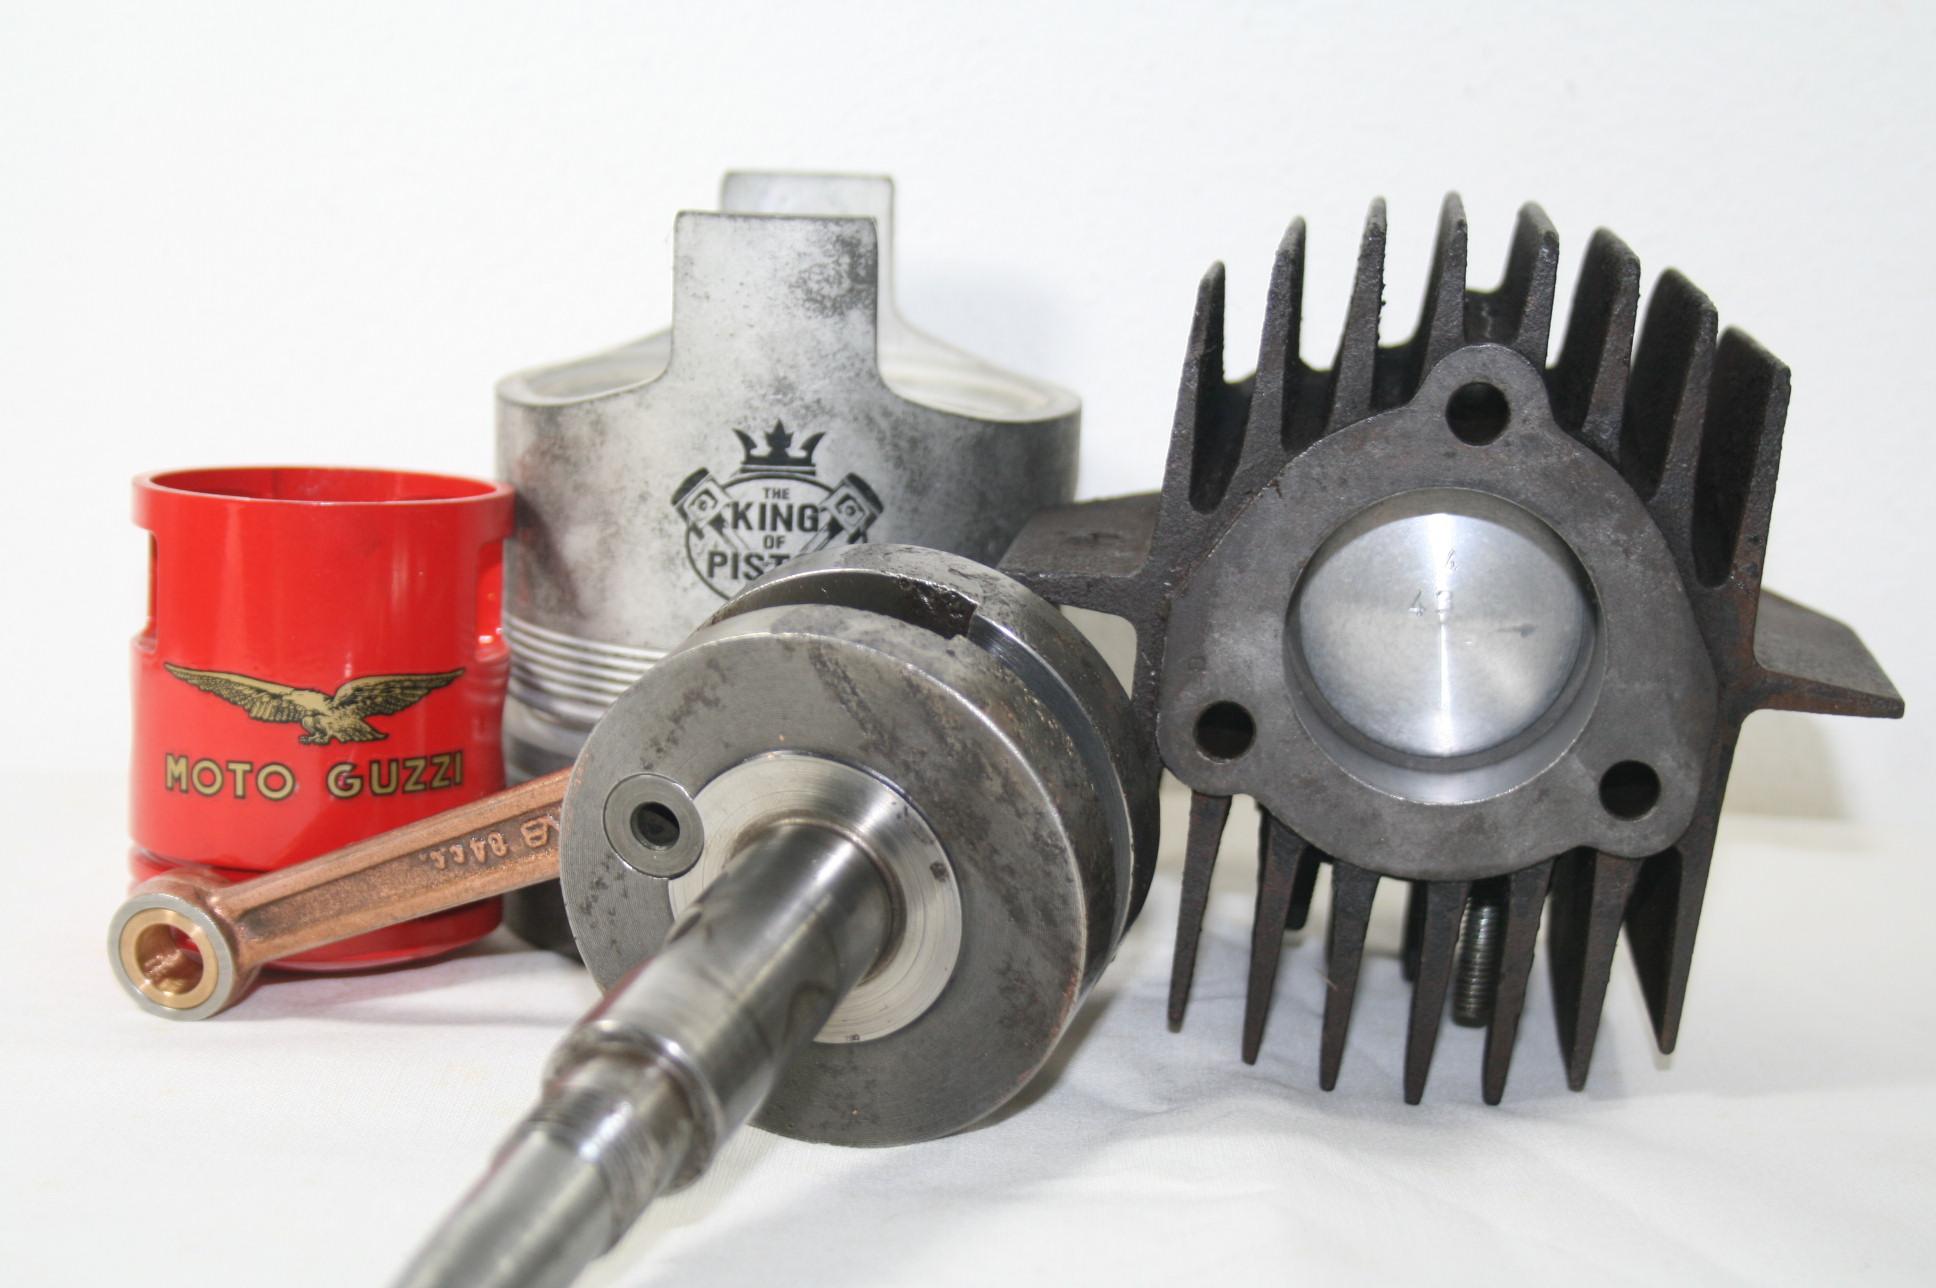 Albero motore e pistone Guzzino